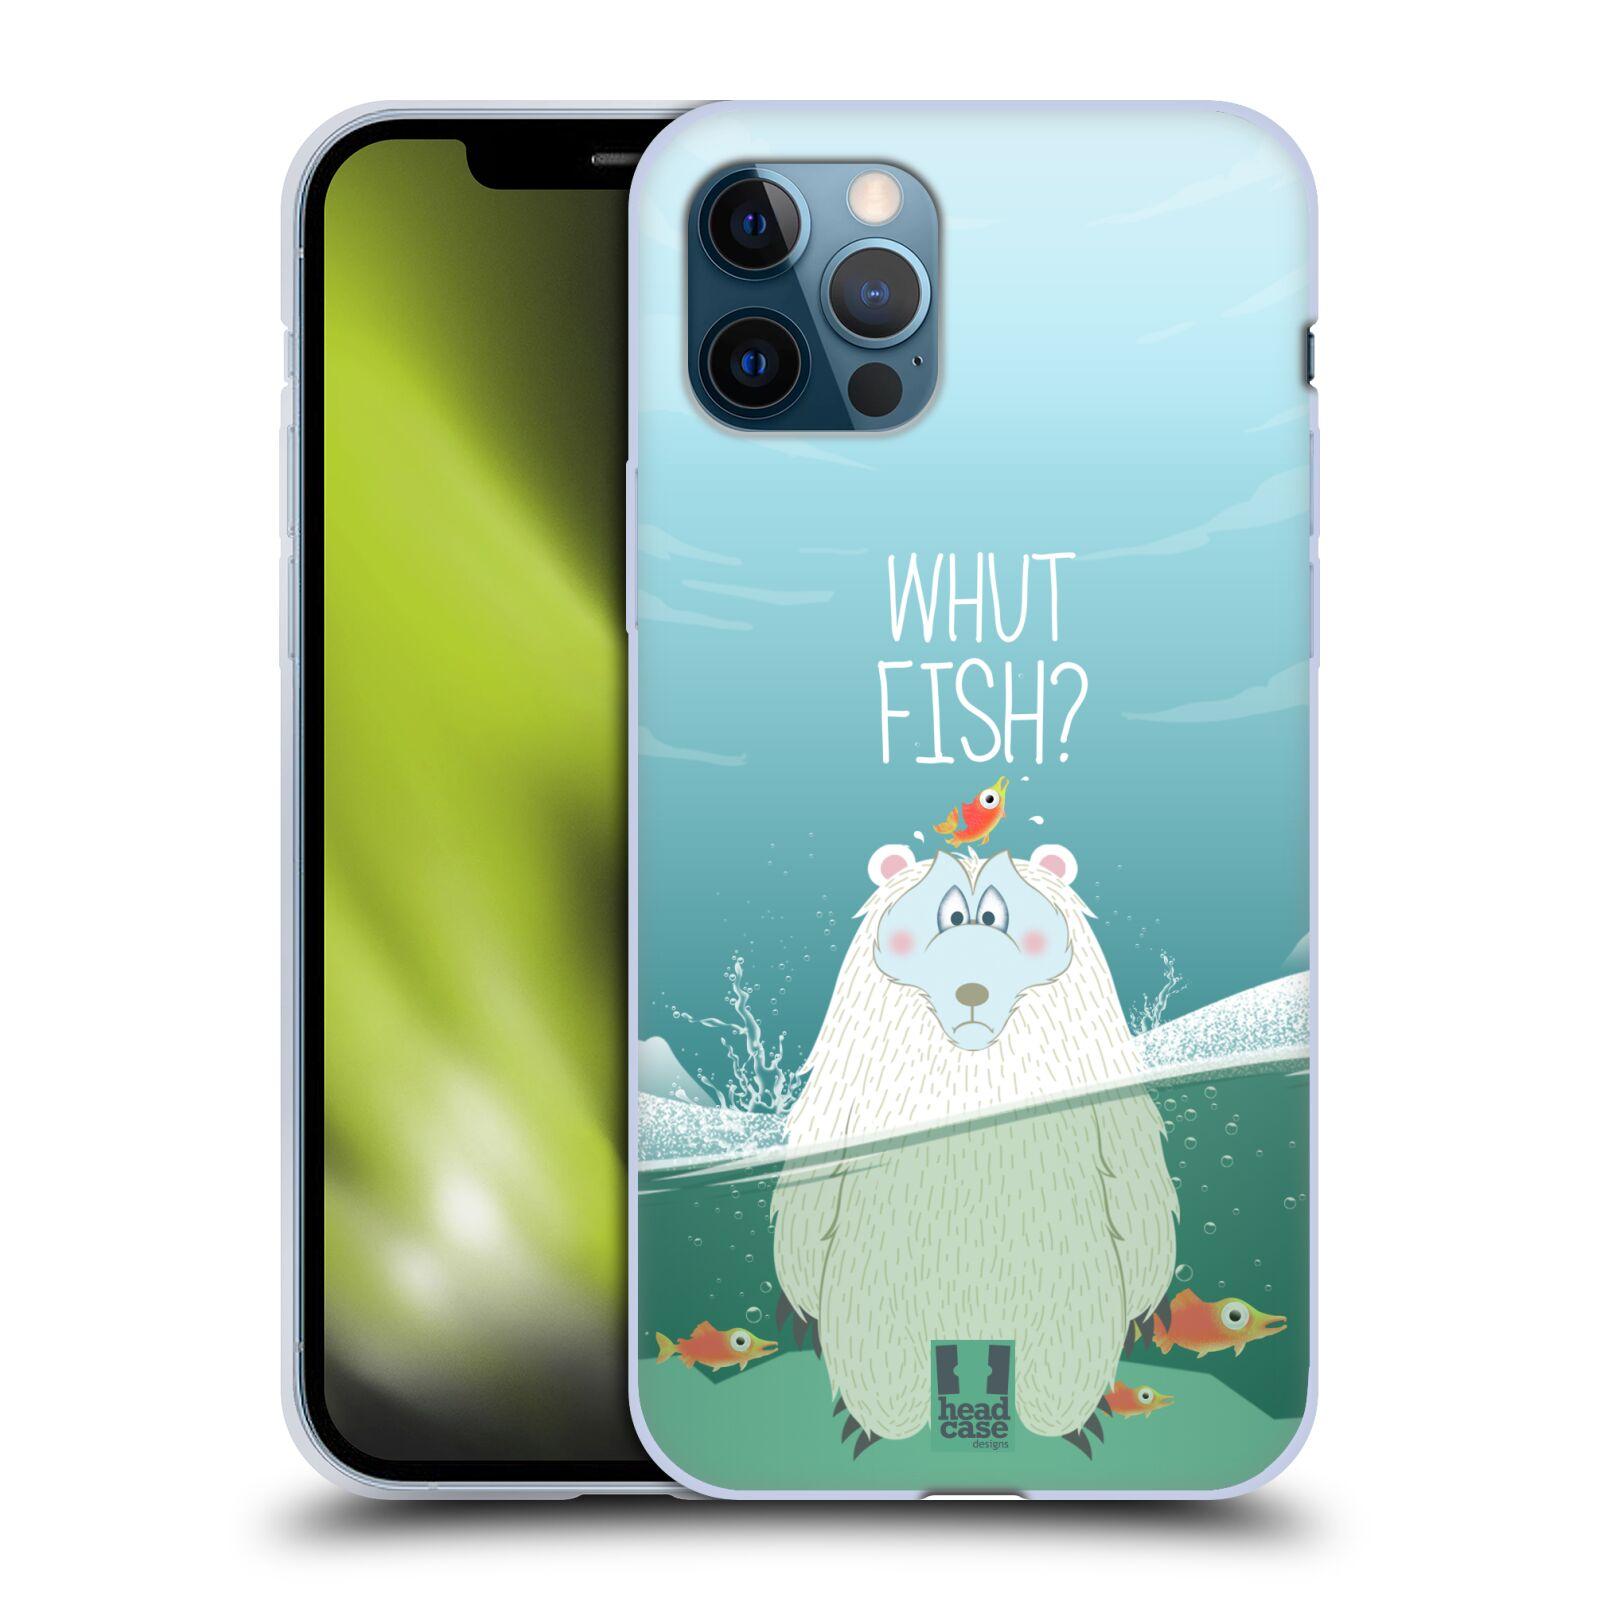 Silikonové pouzdro na mobil Apple iPhone 12 / 12 Pro - Head Case - Medvěd Whut Fish?